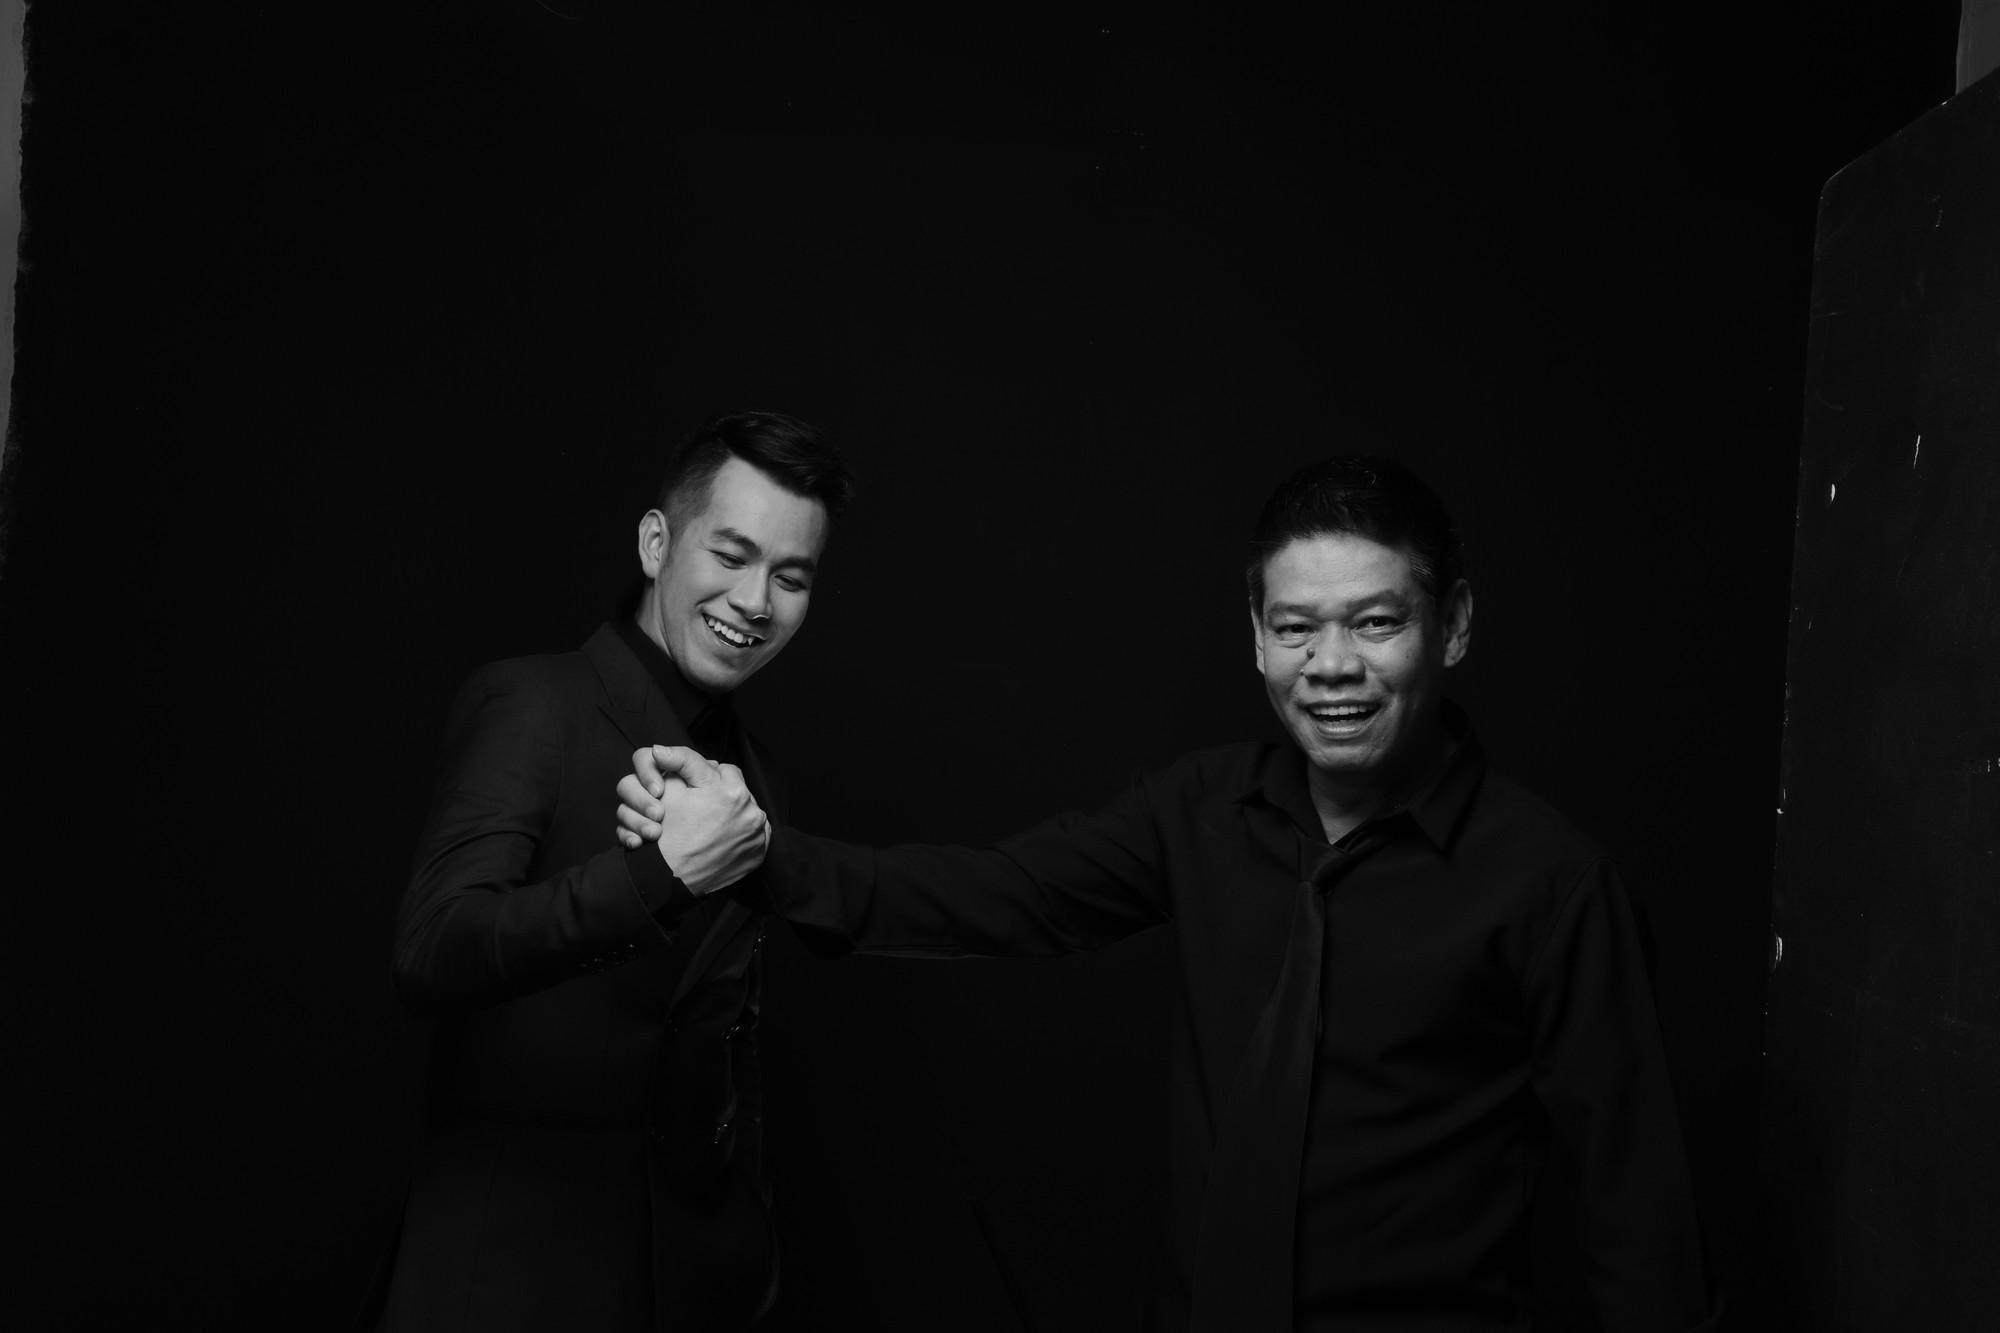 Hồ Trung Dũng không áp lực khi làm mới hit huyền thoại của Mỹ Tâm, Phương Thanh trong album mới - Ảnh 1.